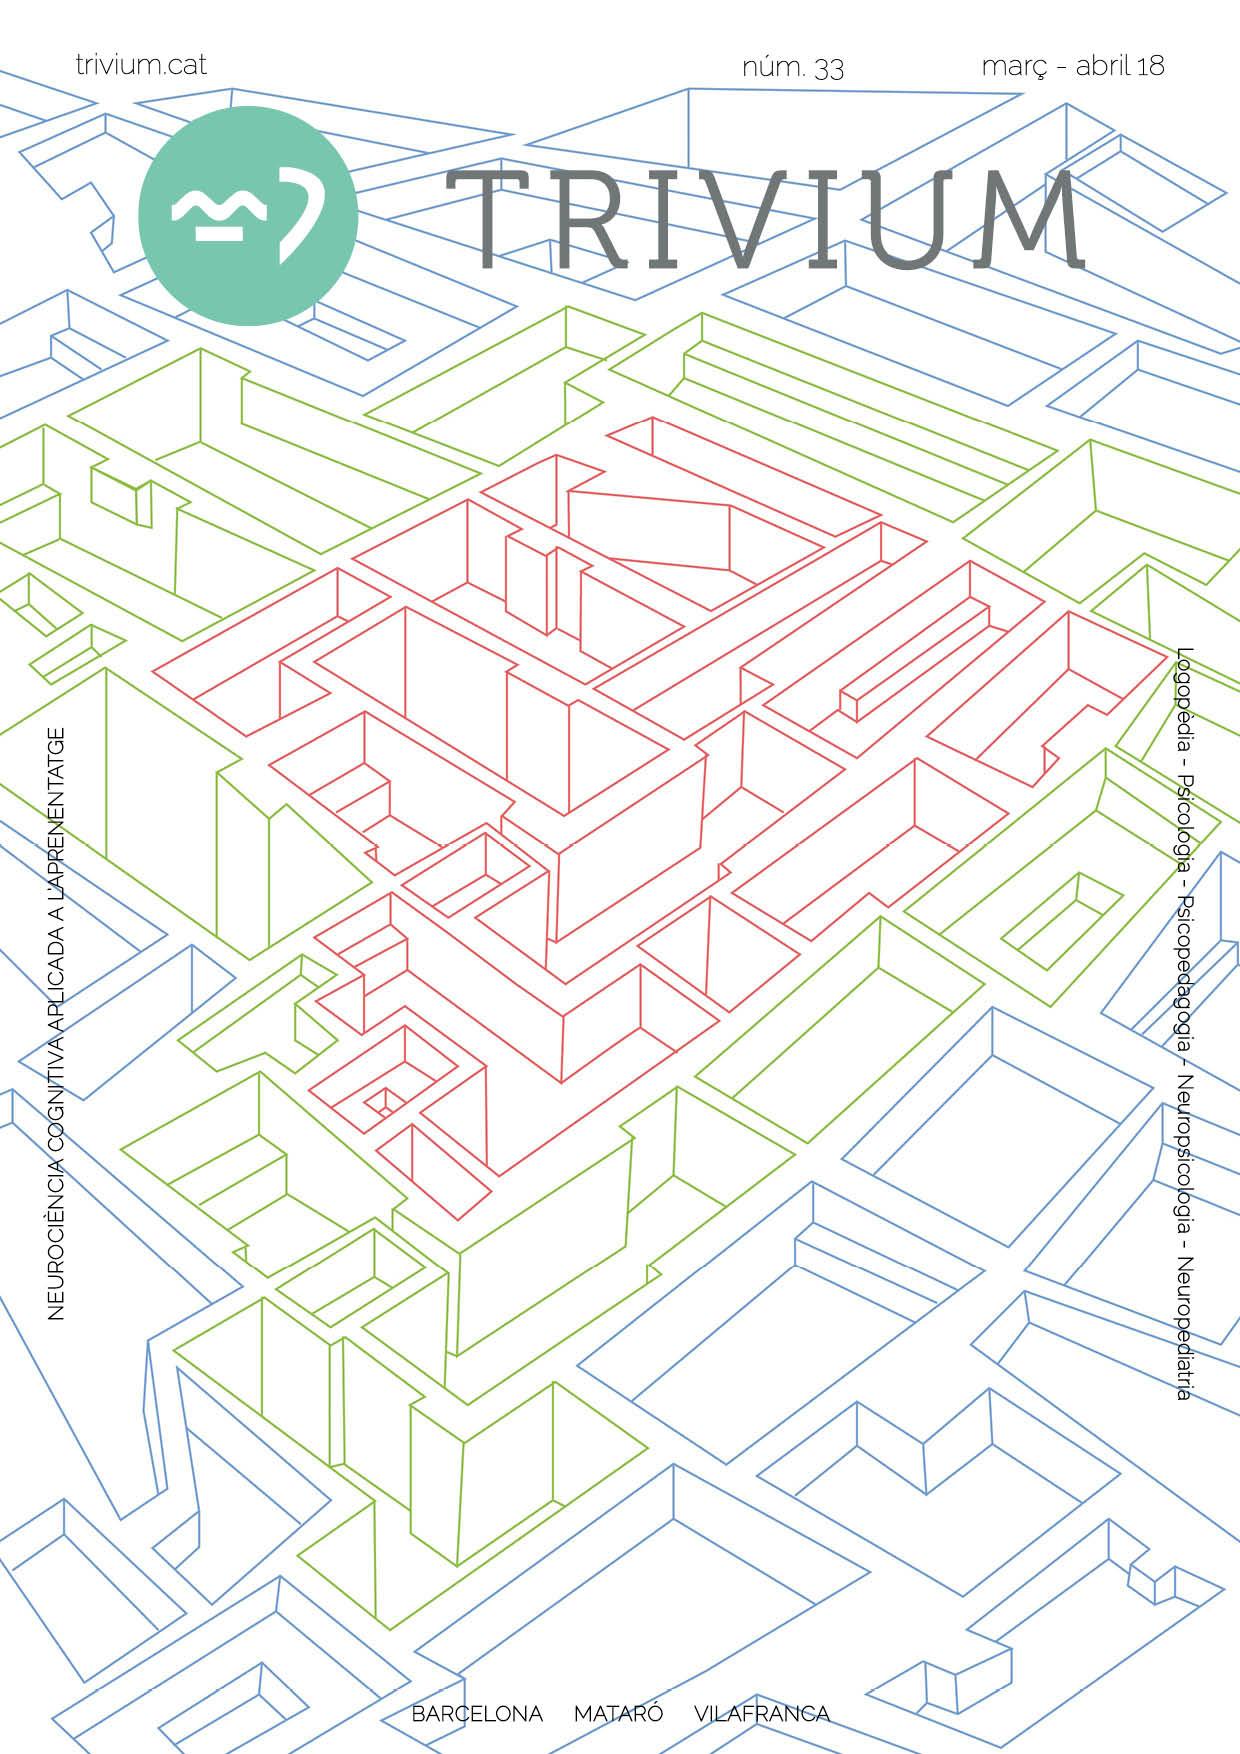 Portada – Revista març 18